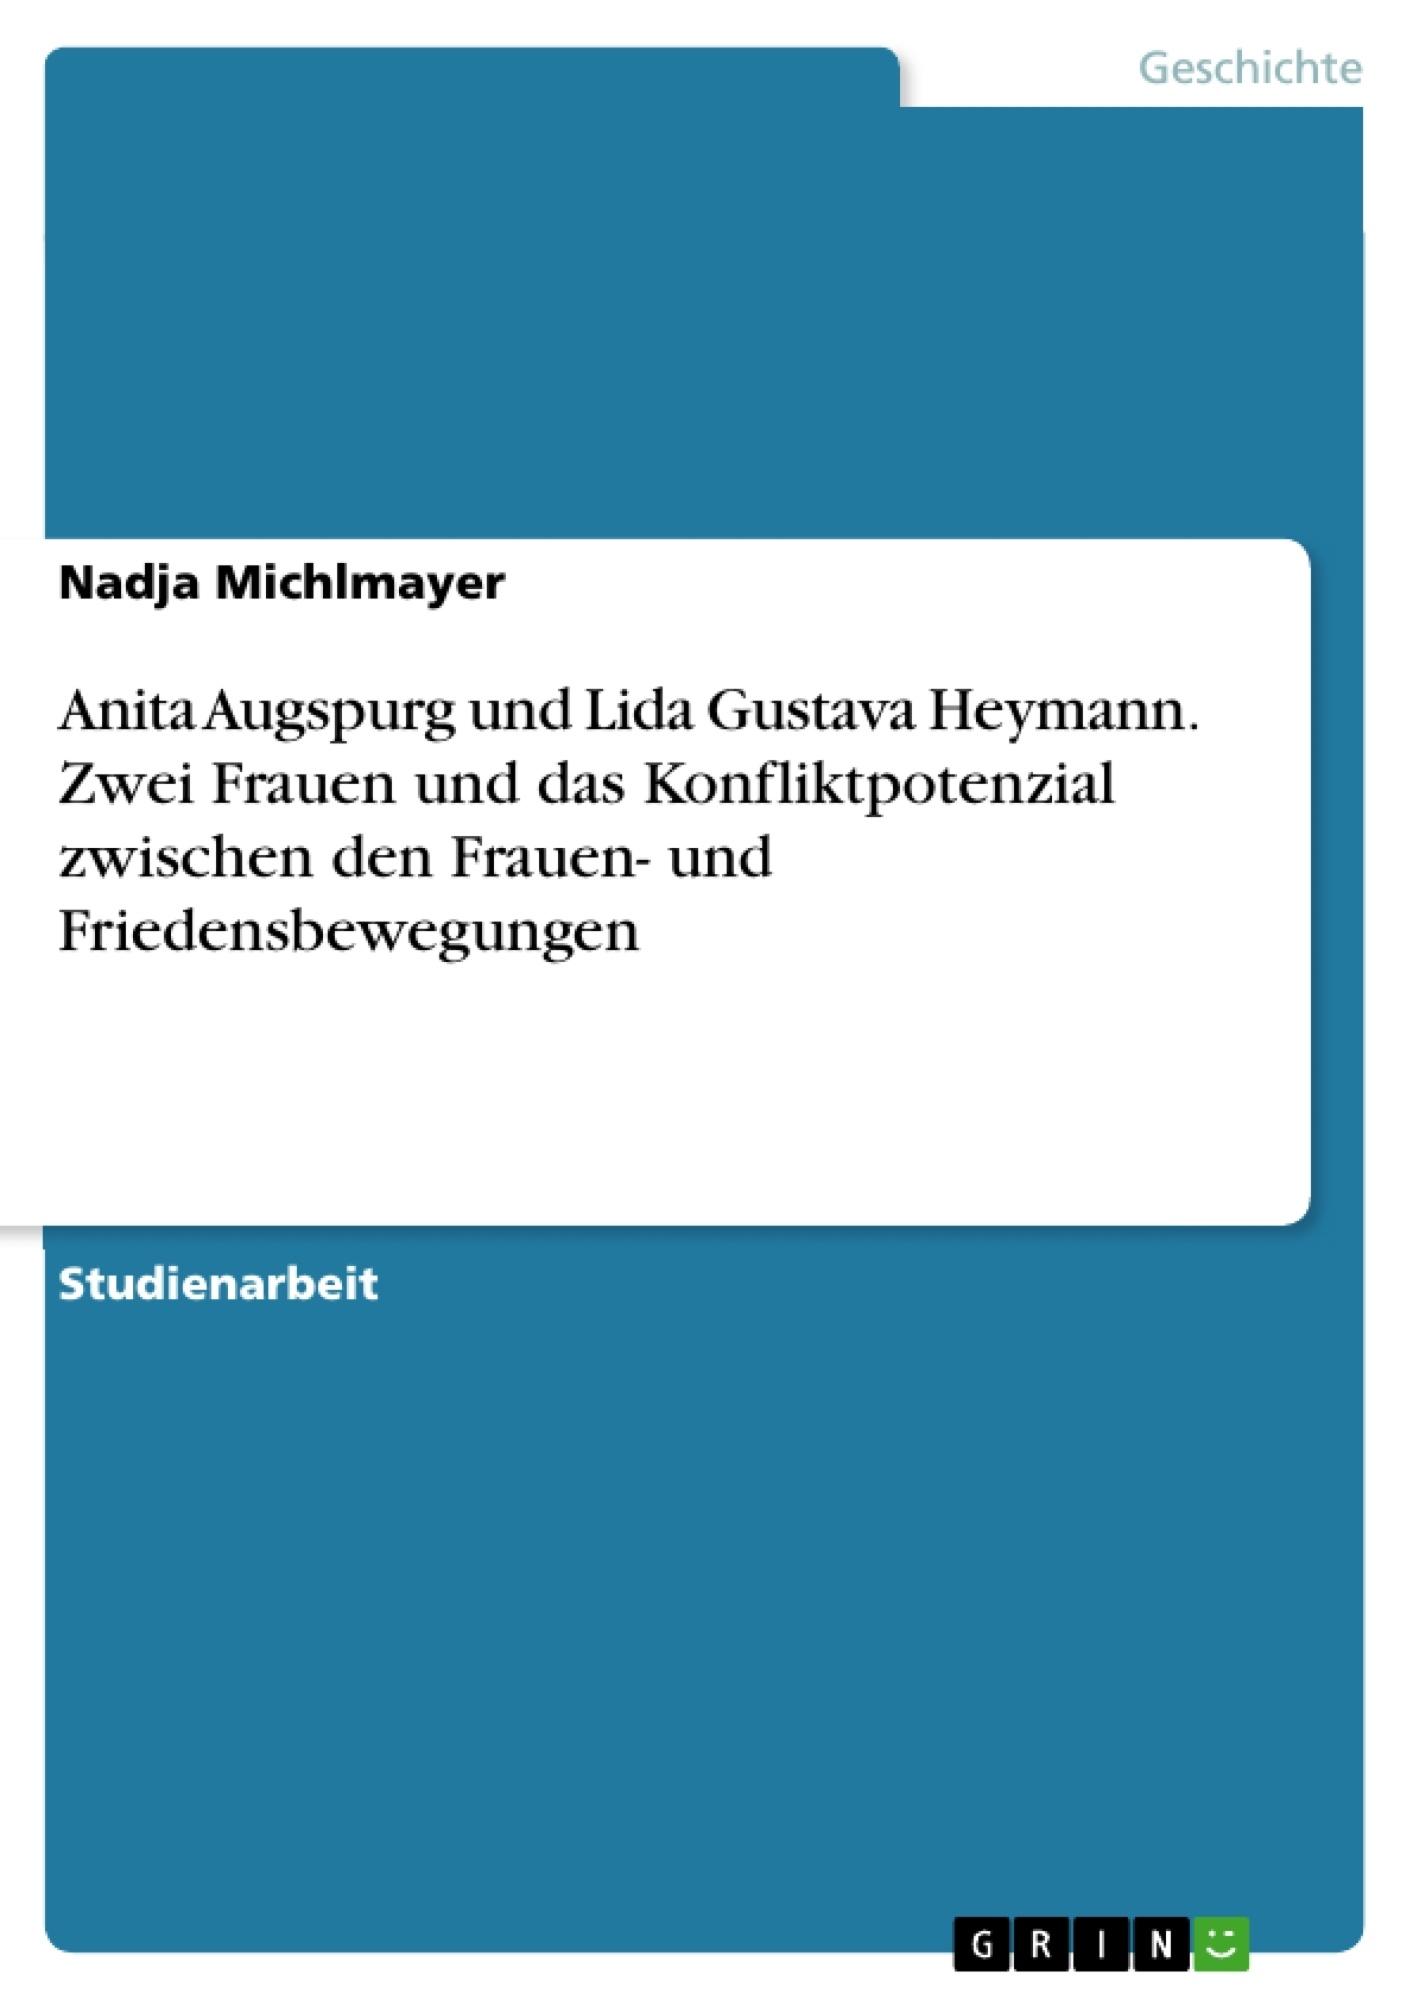 Titel: Anita Augspurg und Lida Gustava Heymann. Zwei Frauen und das Konfliktpotenzial zwischen den Frauen- und Friedensbewegungen